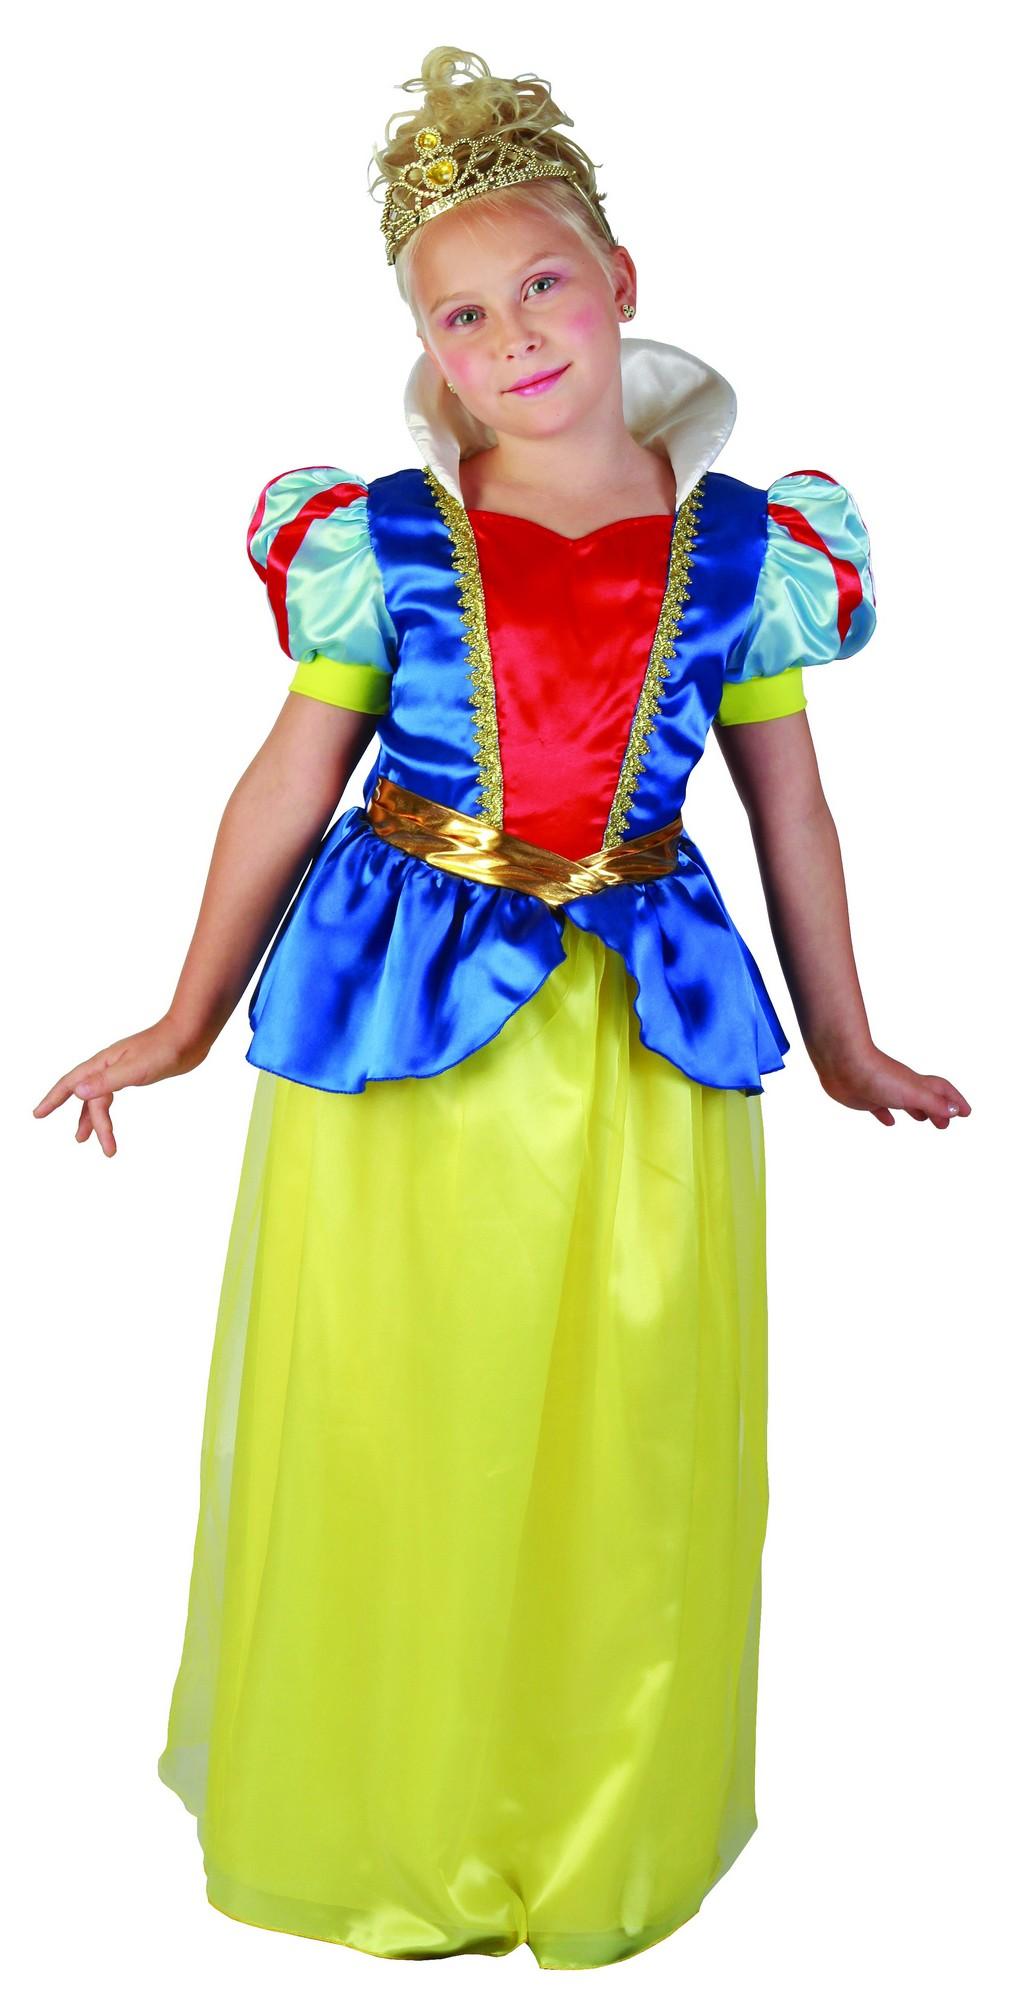 D guisement princesse des neiges fille d coration - Deguisement princesse des neiges ...